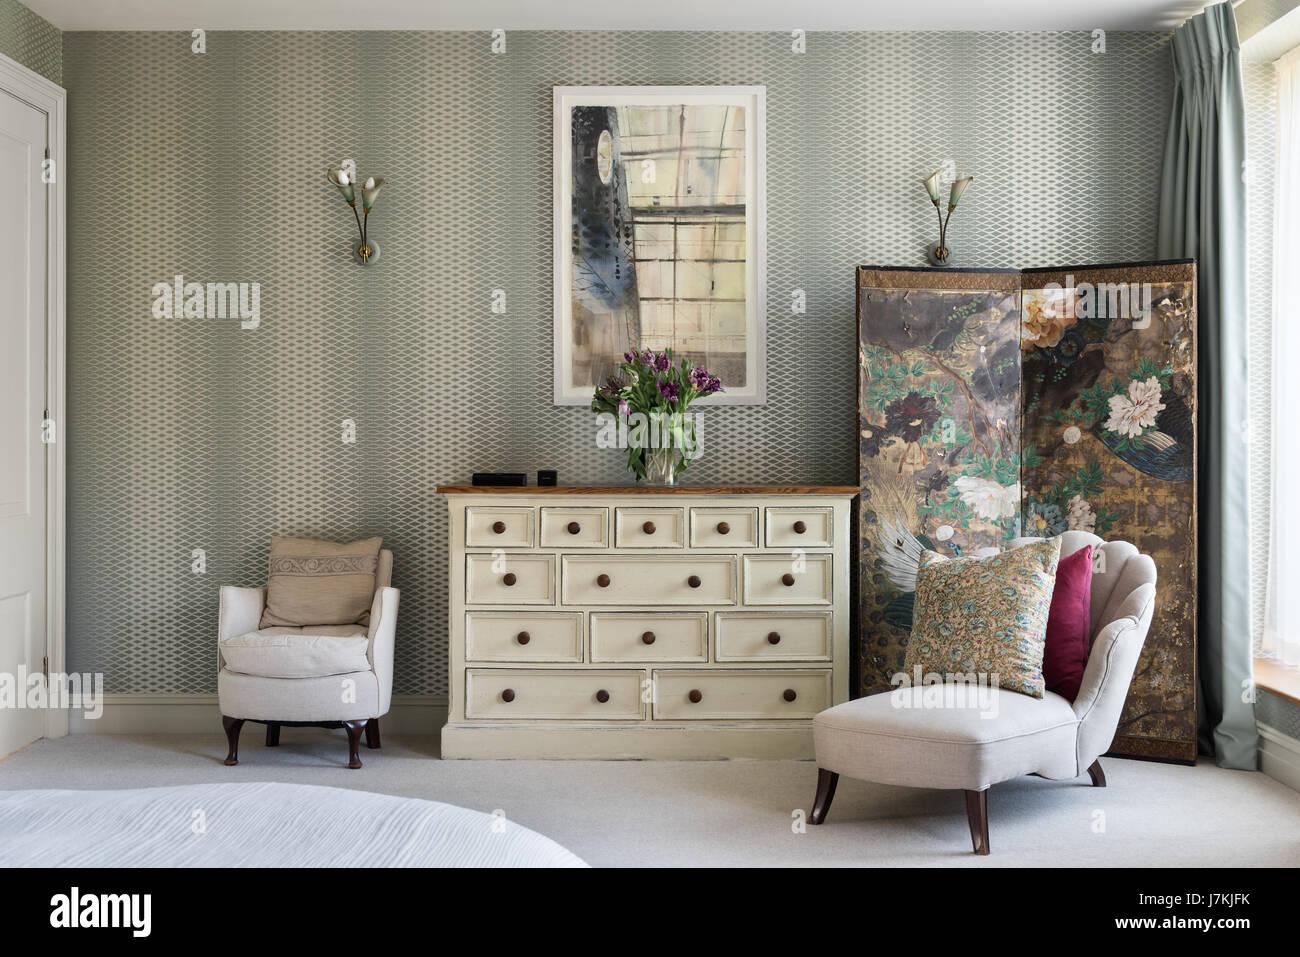 Schlafzimmer Chinesisch   Chaiselongue Im Schlafzimmer Mit Farrow Ball Lattice Wallpaper